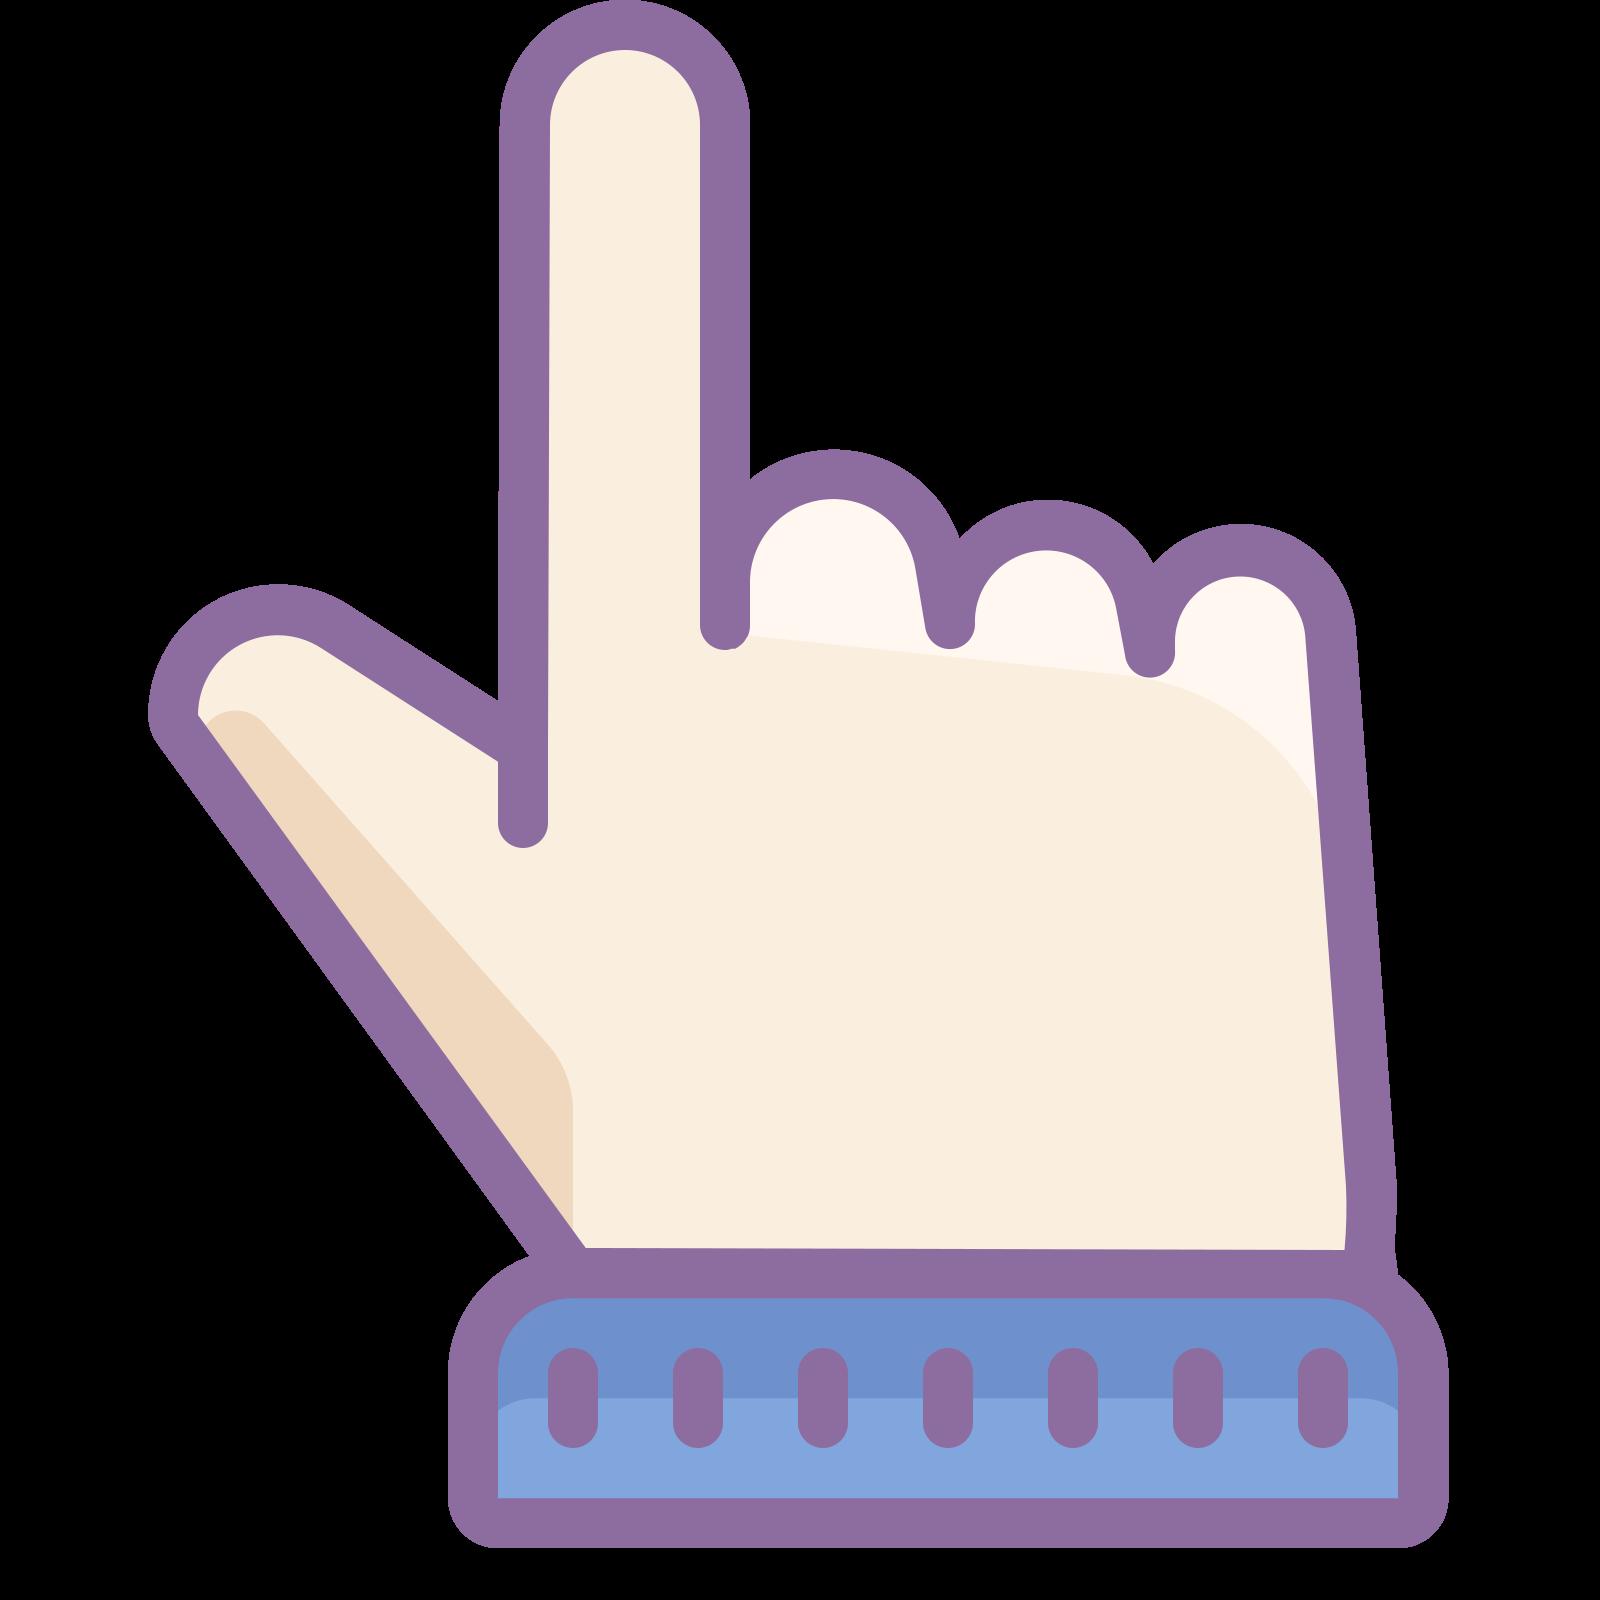 Kursor dłoń icon